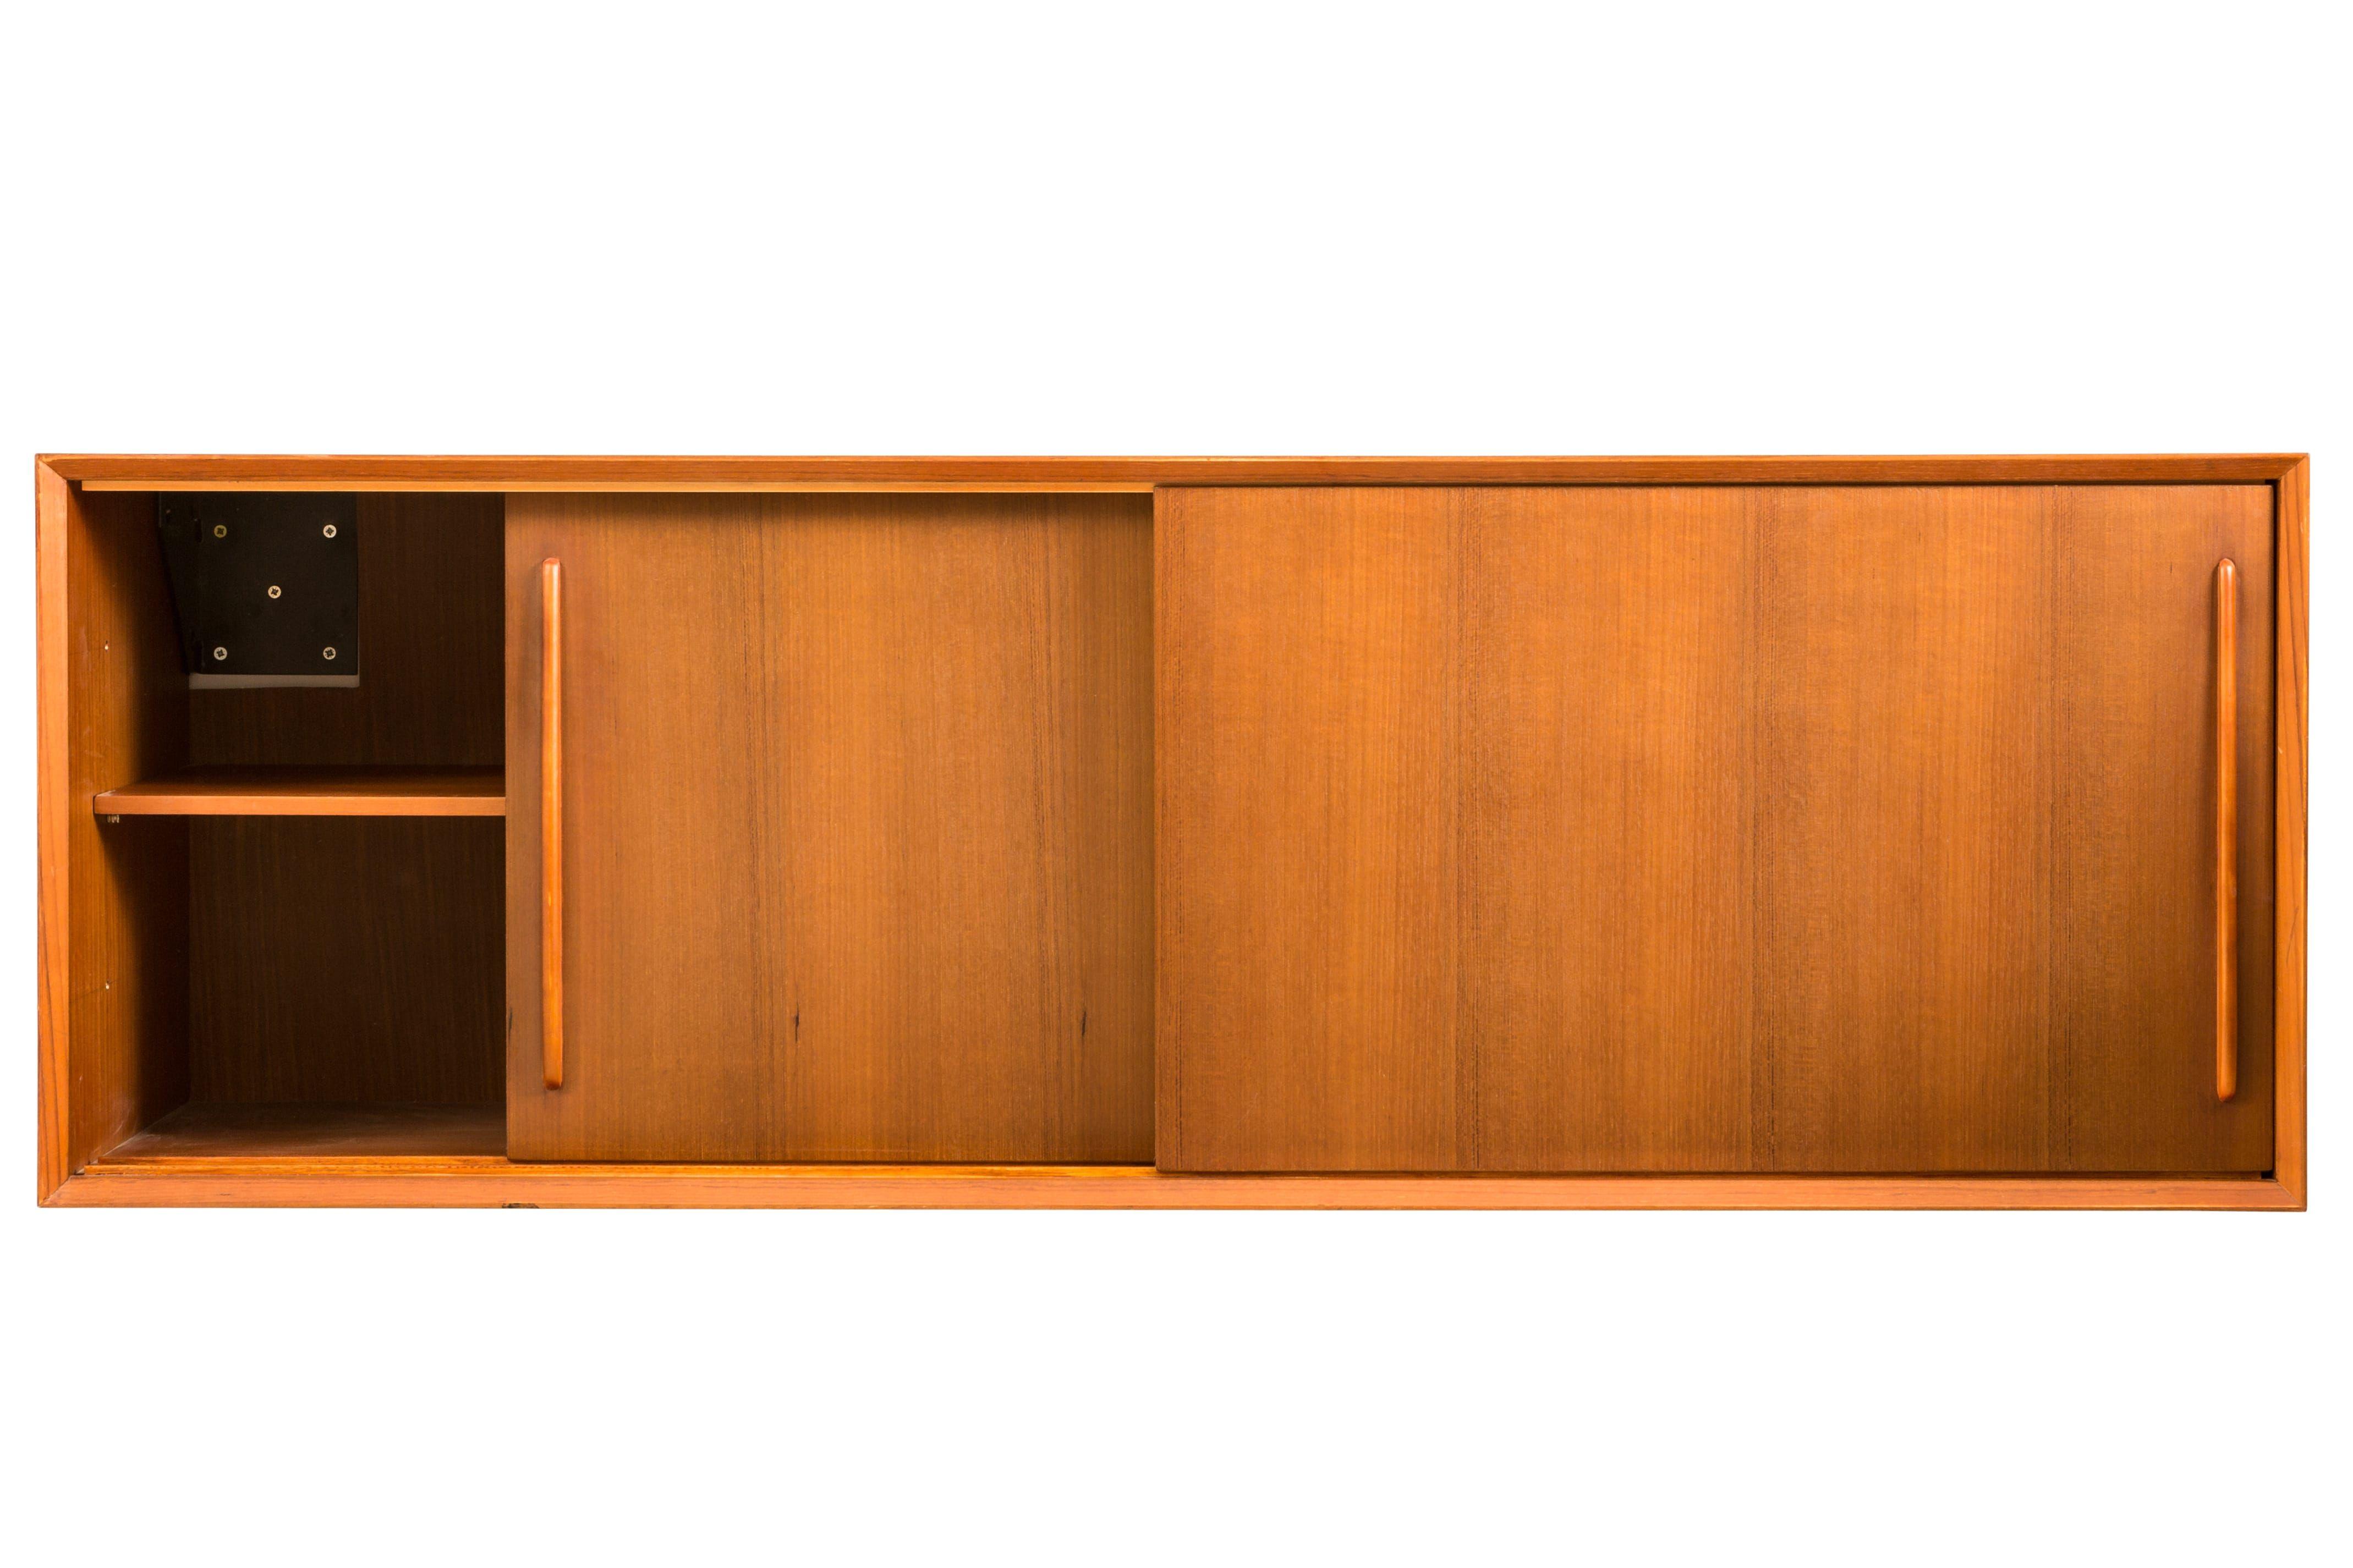 Nestor Cabinet In Teak Nestor Kast In Teak Vintage Cabinet Furniture Bathroomfurniture Badkamer Badkamerkast Badkamermeubel Teakhout Badkamer